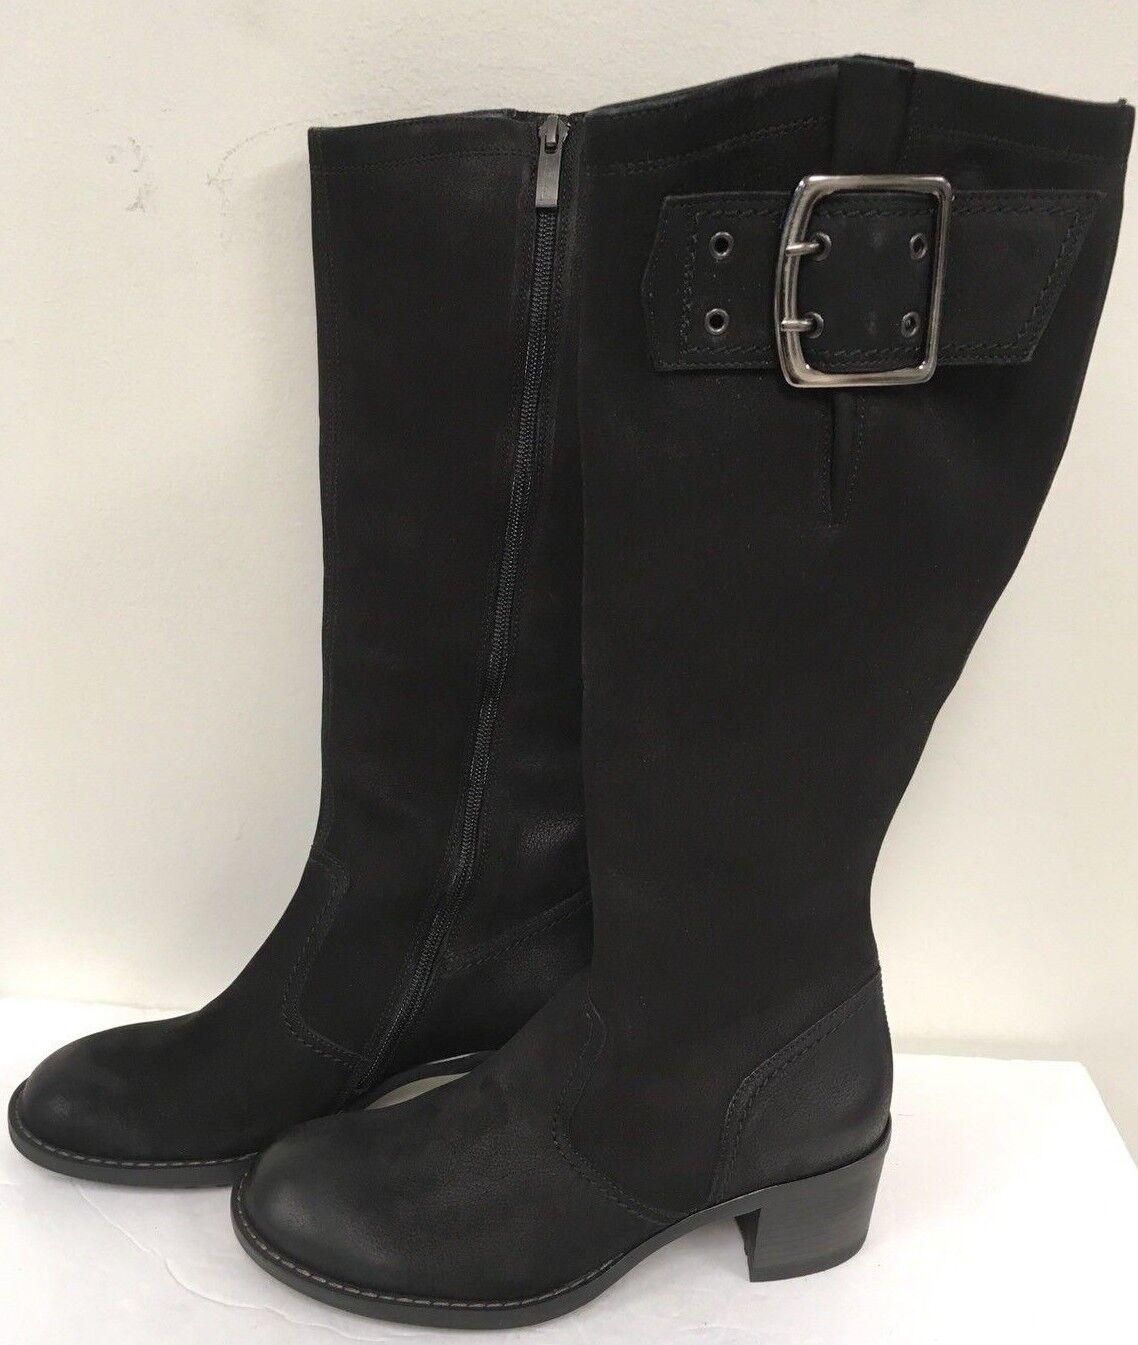 Paul verde para mujer botas de de de cuero negro optimista-tamaño 3 UK  suministro de productos de calidad